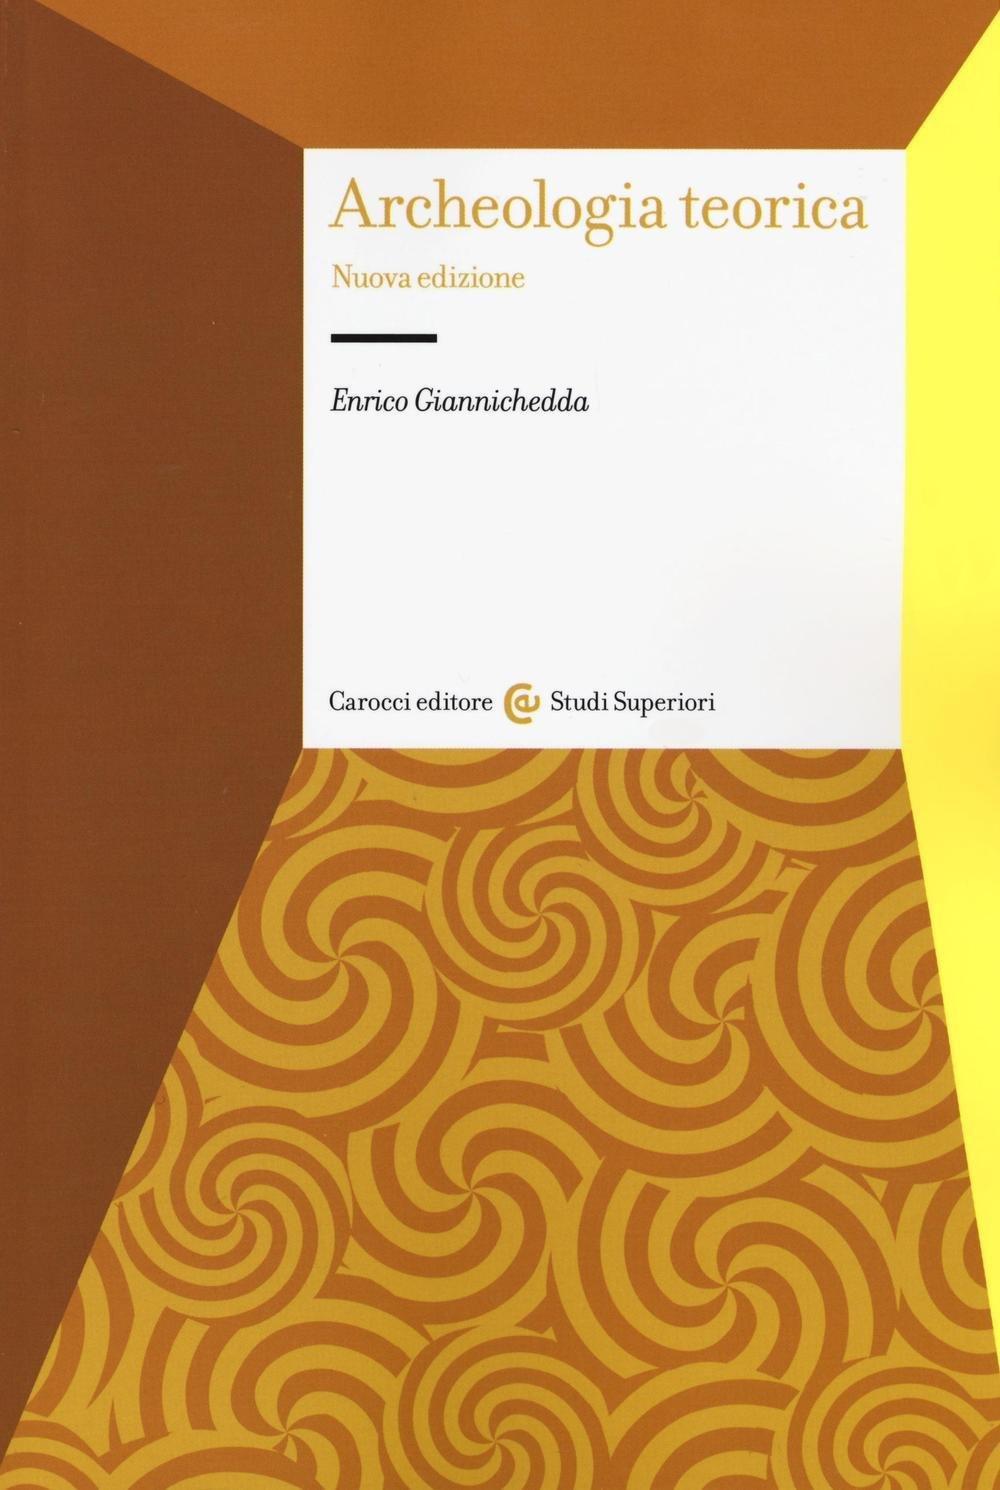 Archeologia teorica Copertina flessibile – 9 giu 2016 Enrico Giannichedda Carocci 8843082108 Saggistica